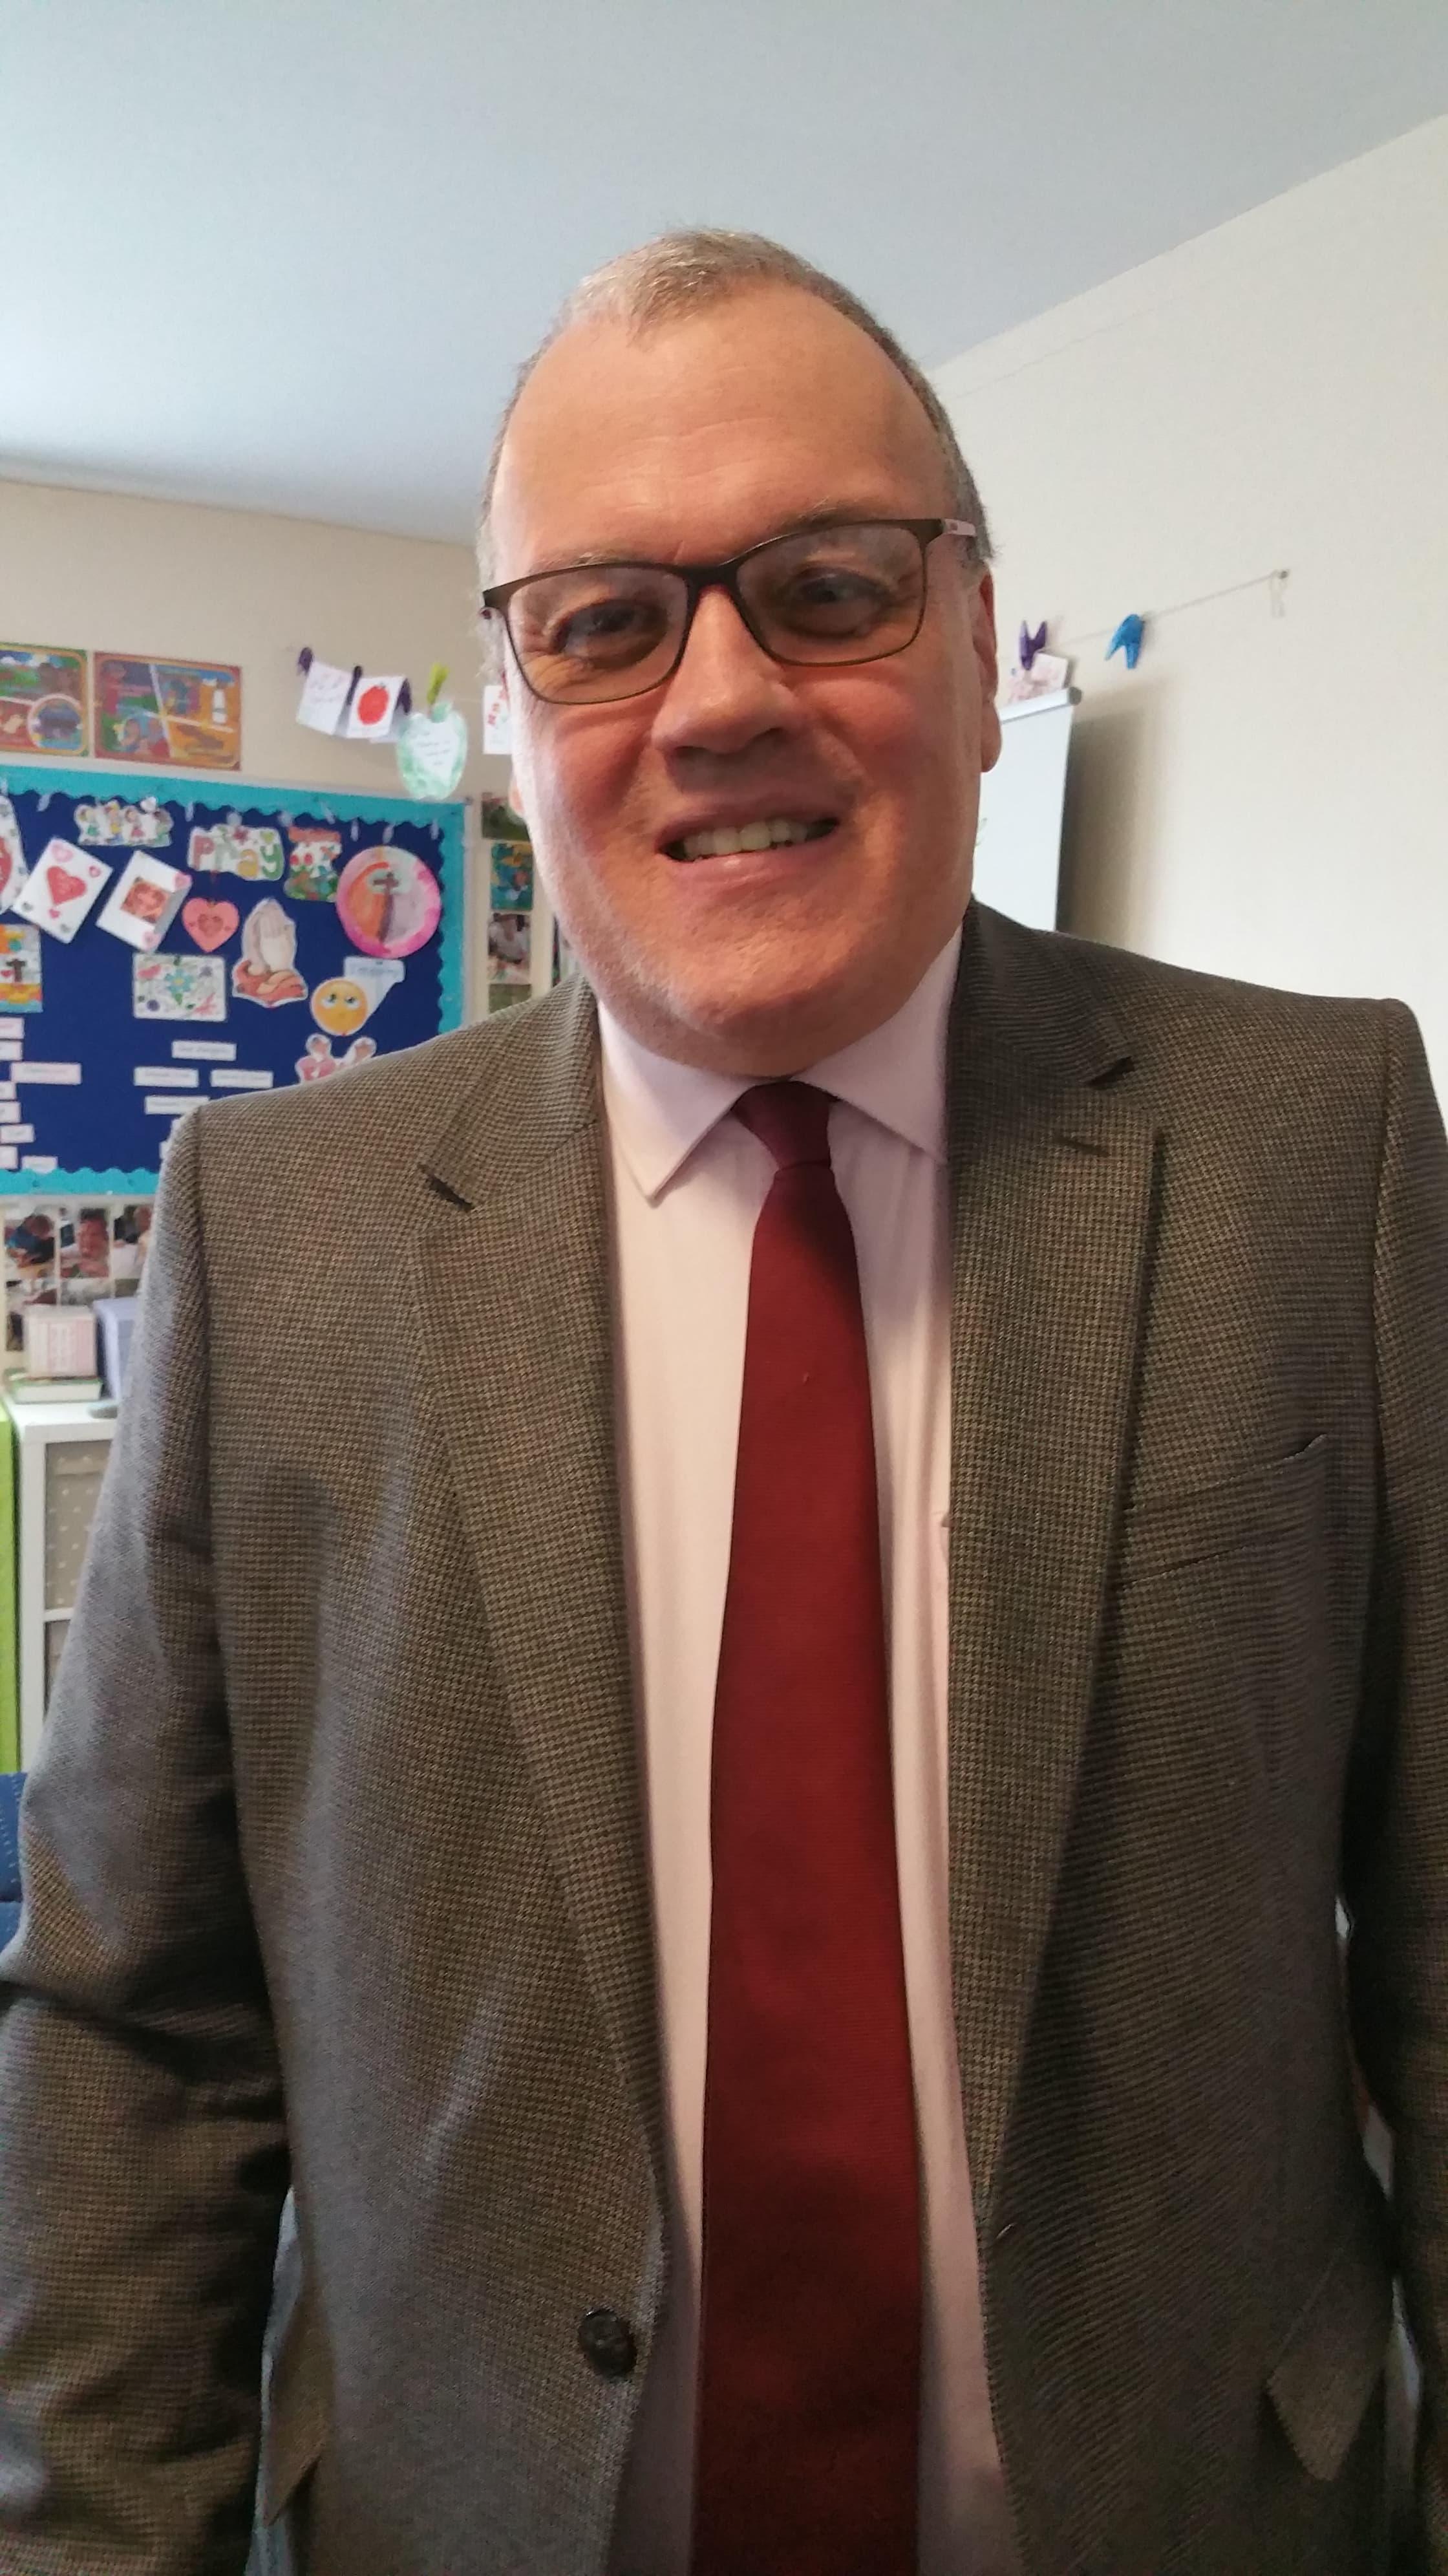 Gareth Edwrds-Feb 19